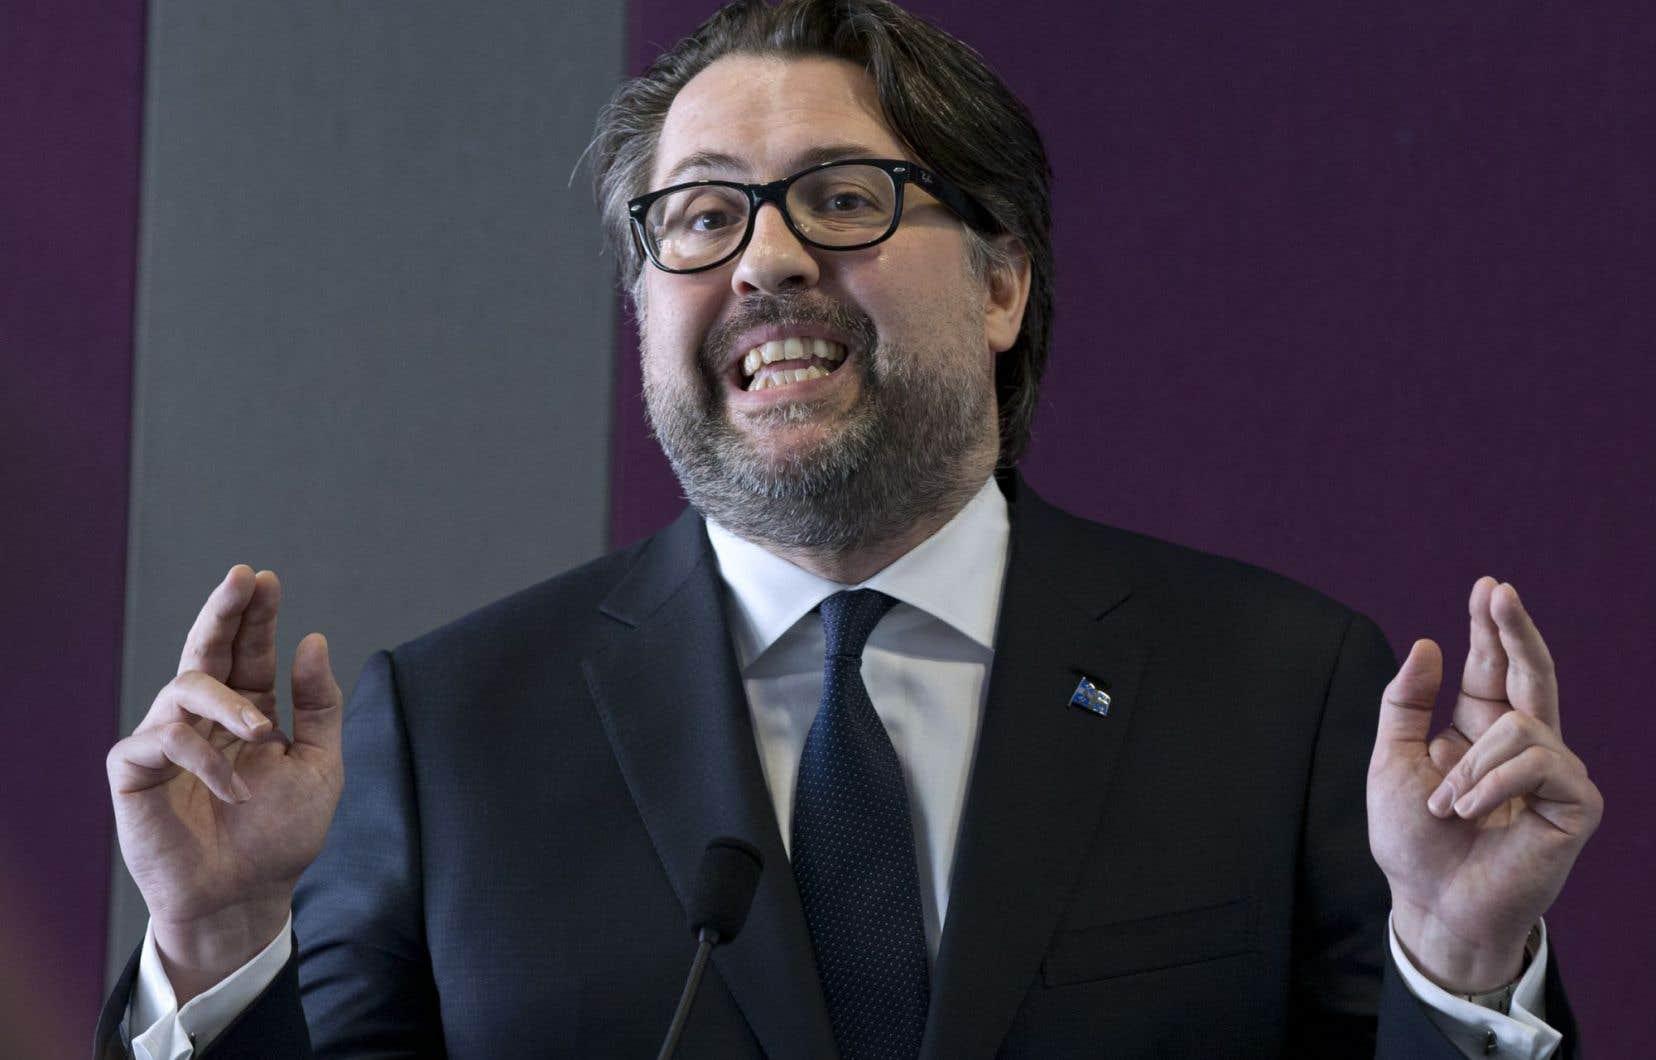 TransCanada a refusé de déposer les documents réclamés par Québec dès 2014, ce qui a forcé le ministre Heurtel à déclencher un BAPE en faisant fi de l'application de la législation en vigueur.